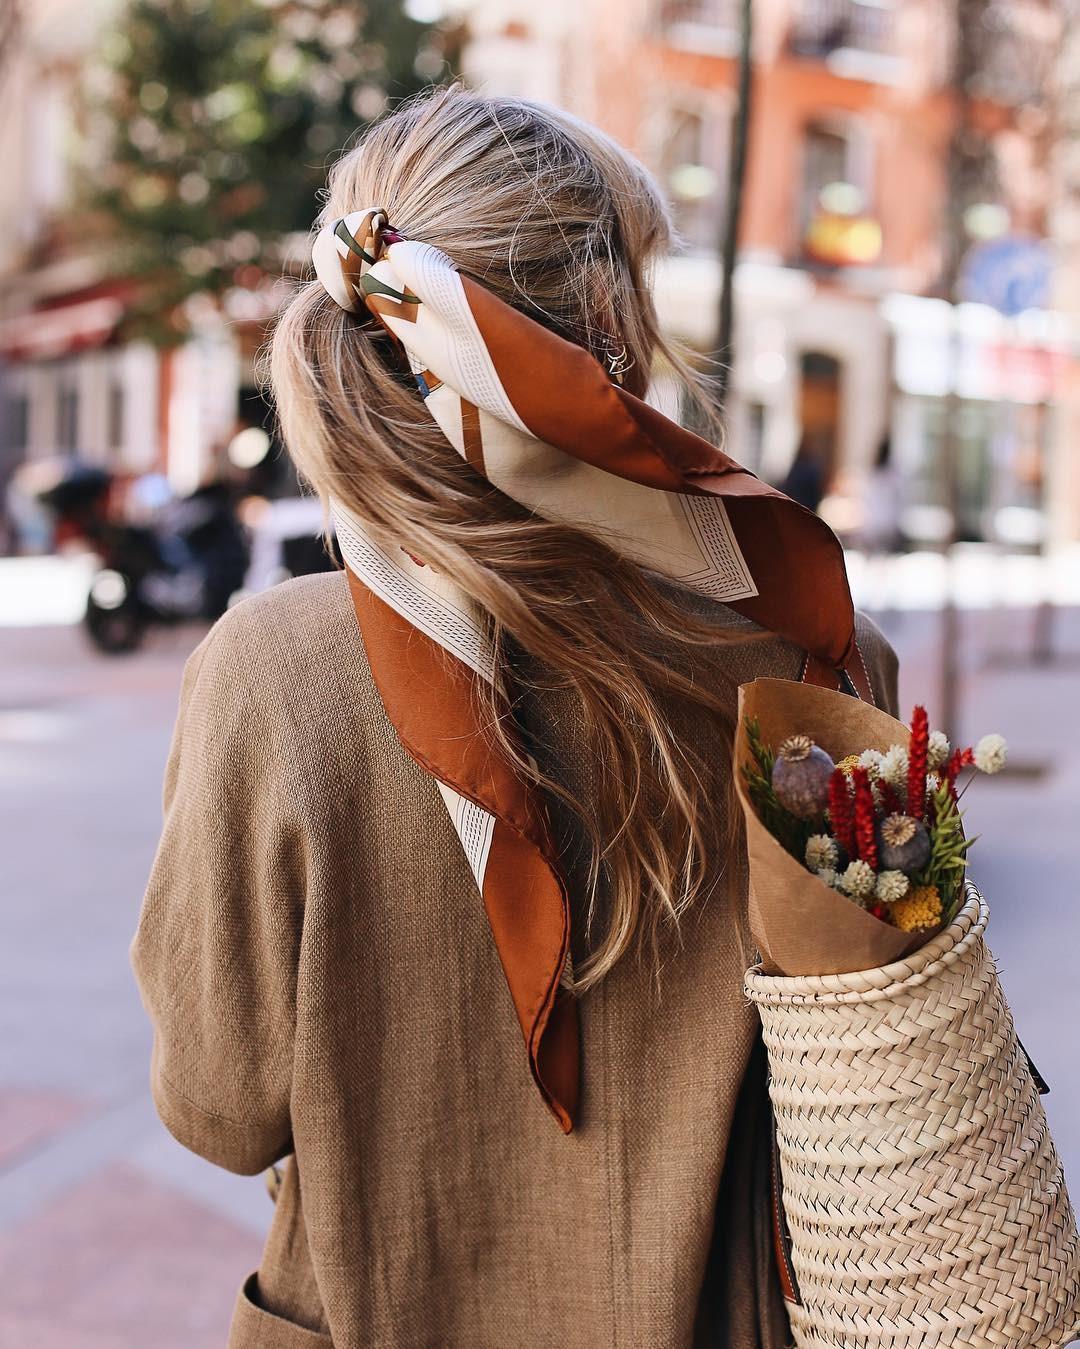 khăn turban buộc tóc và áo khoác nâu